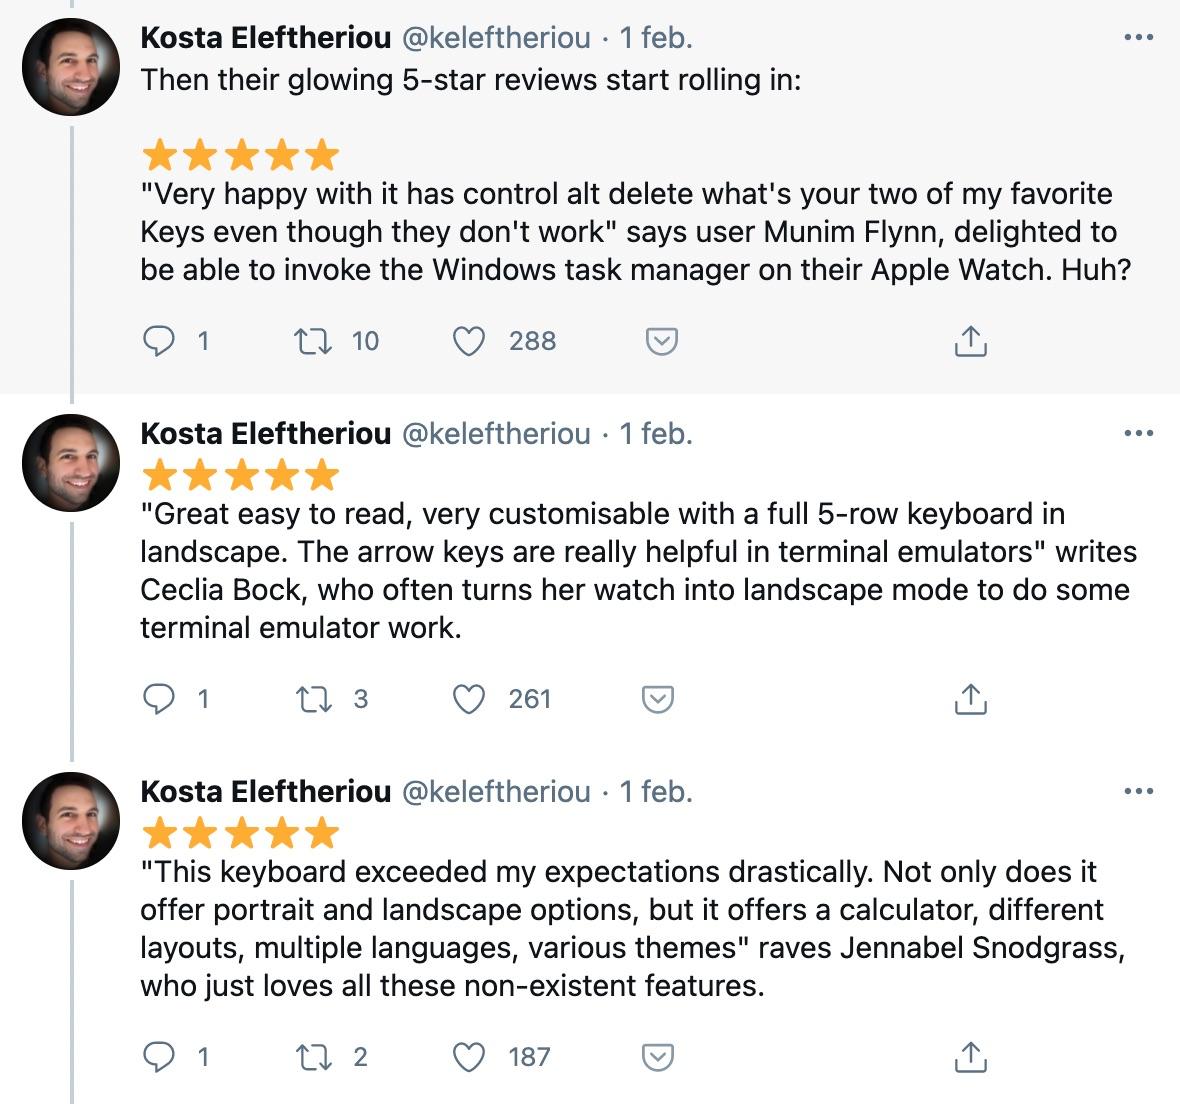 Reseñas falsas destacadas por Konsta  Eleftheriou